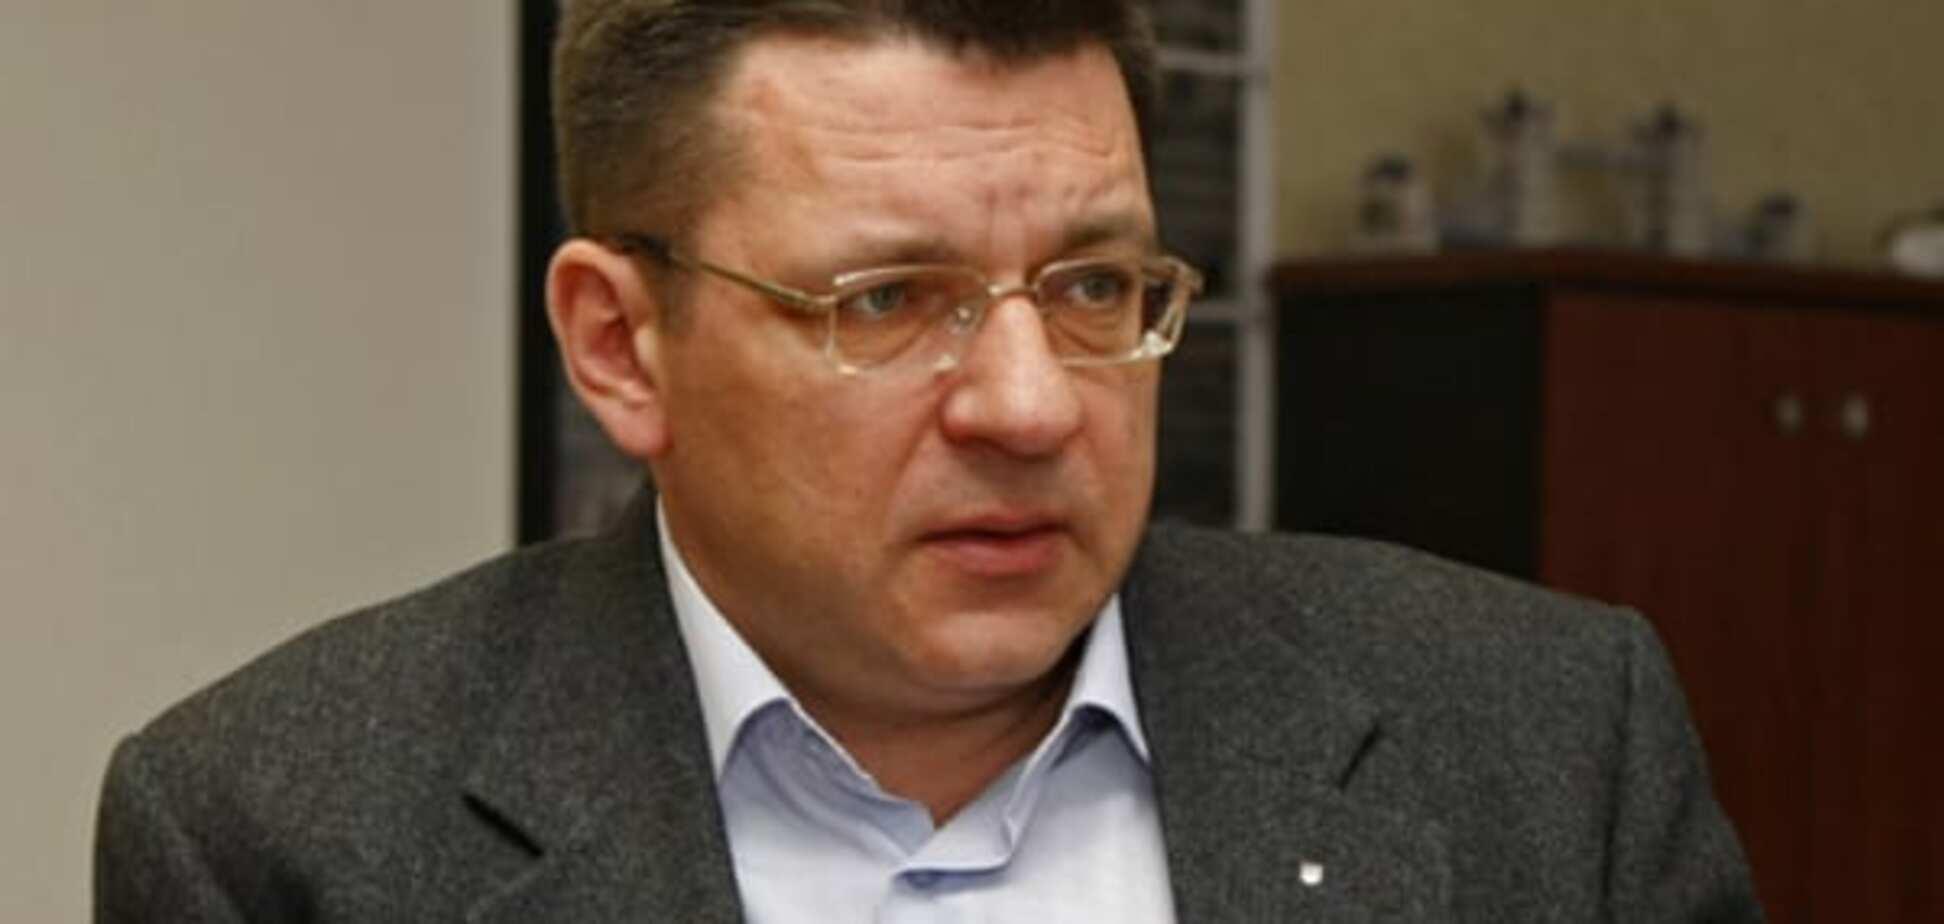 ЦВК відновила реєстрацію 'Партії вільних демократів' у Черкасах